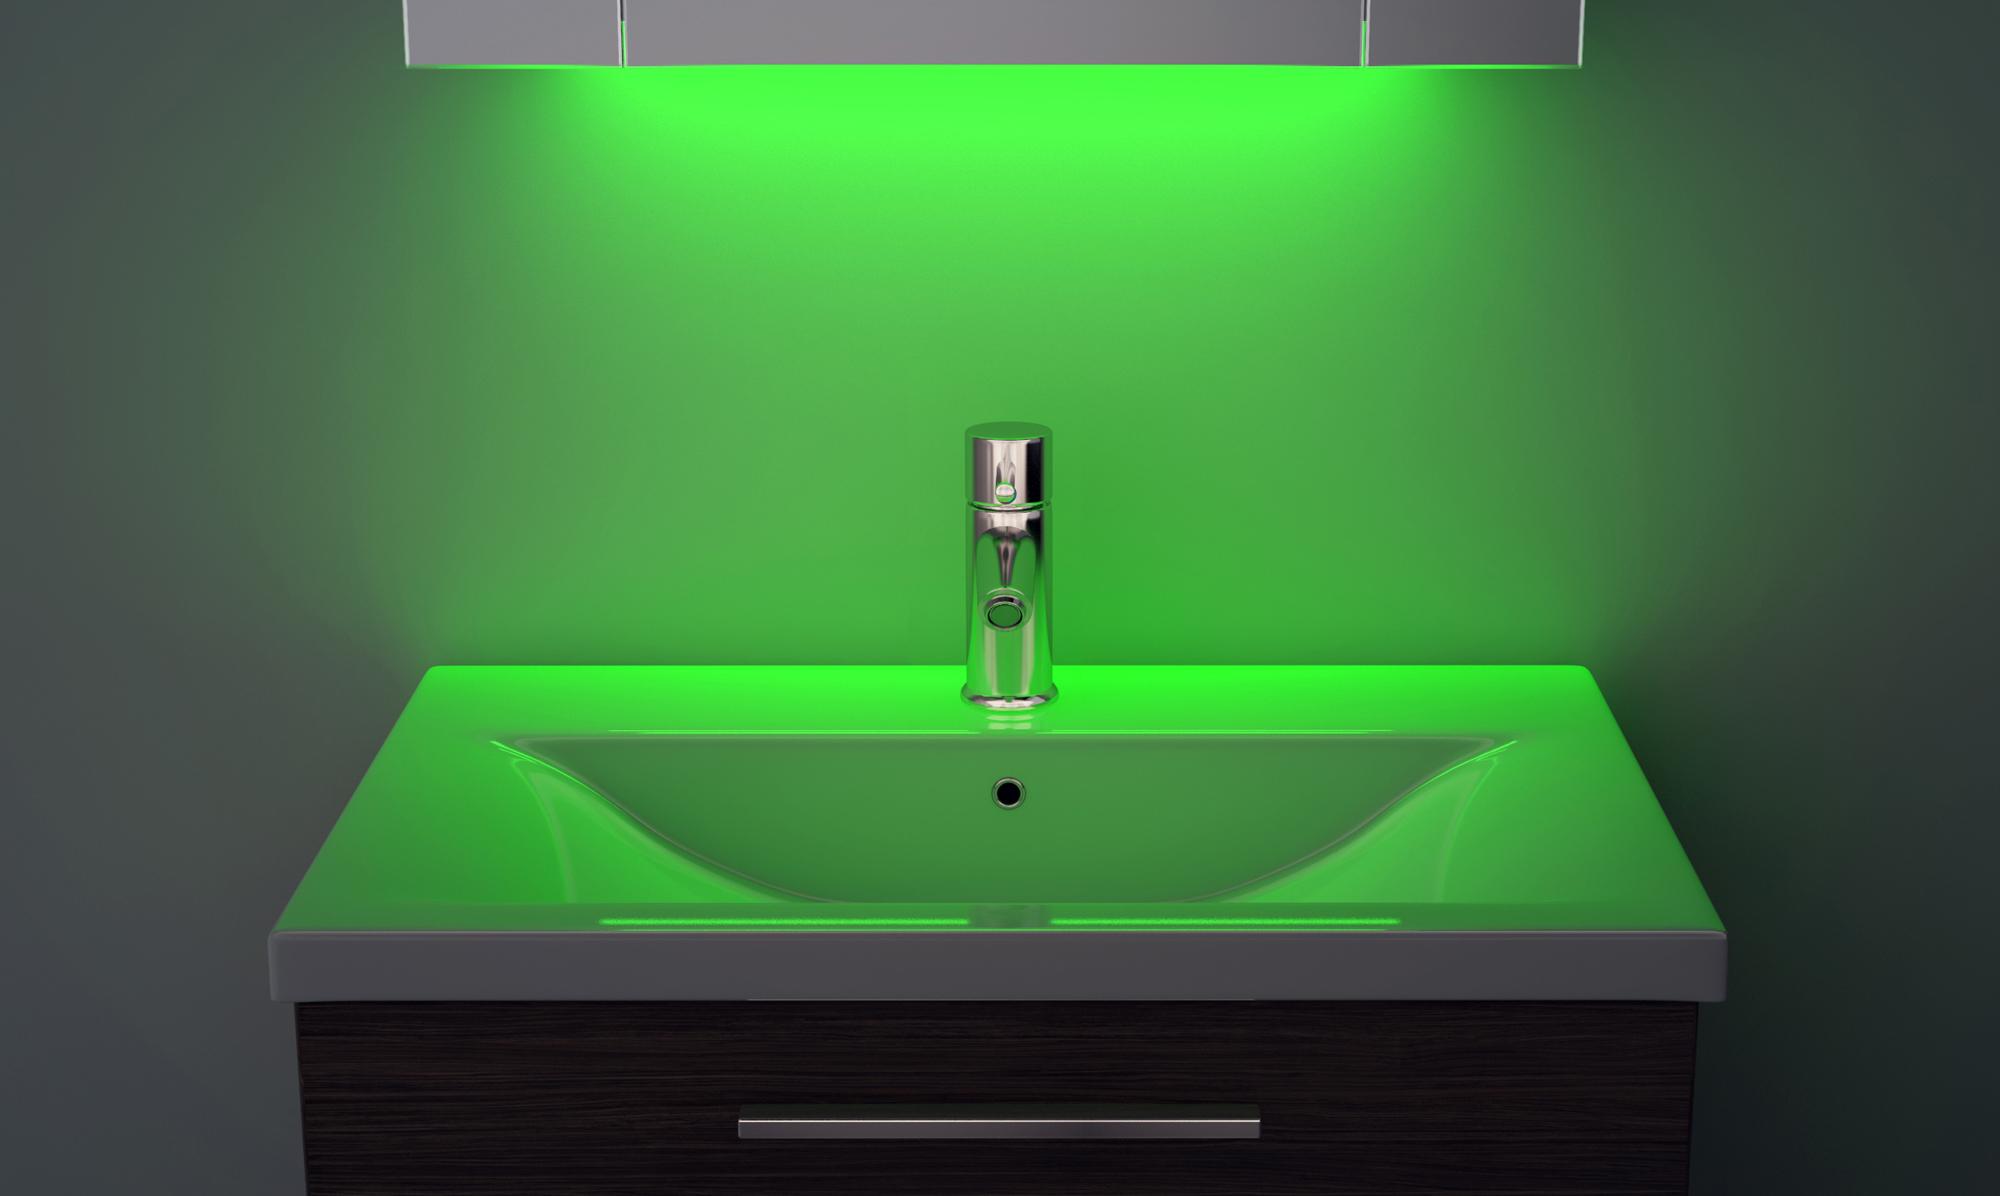 bluetooth schrank mit beleuchtung uhr entfeuchter rasierer sensor k389gaud ebay. Black Bedroom Furniture Sets. Home Design Ideas